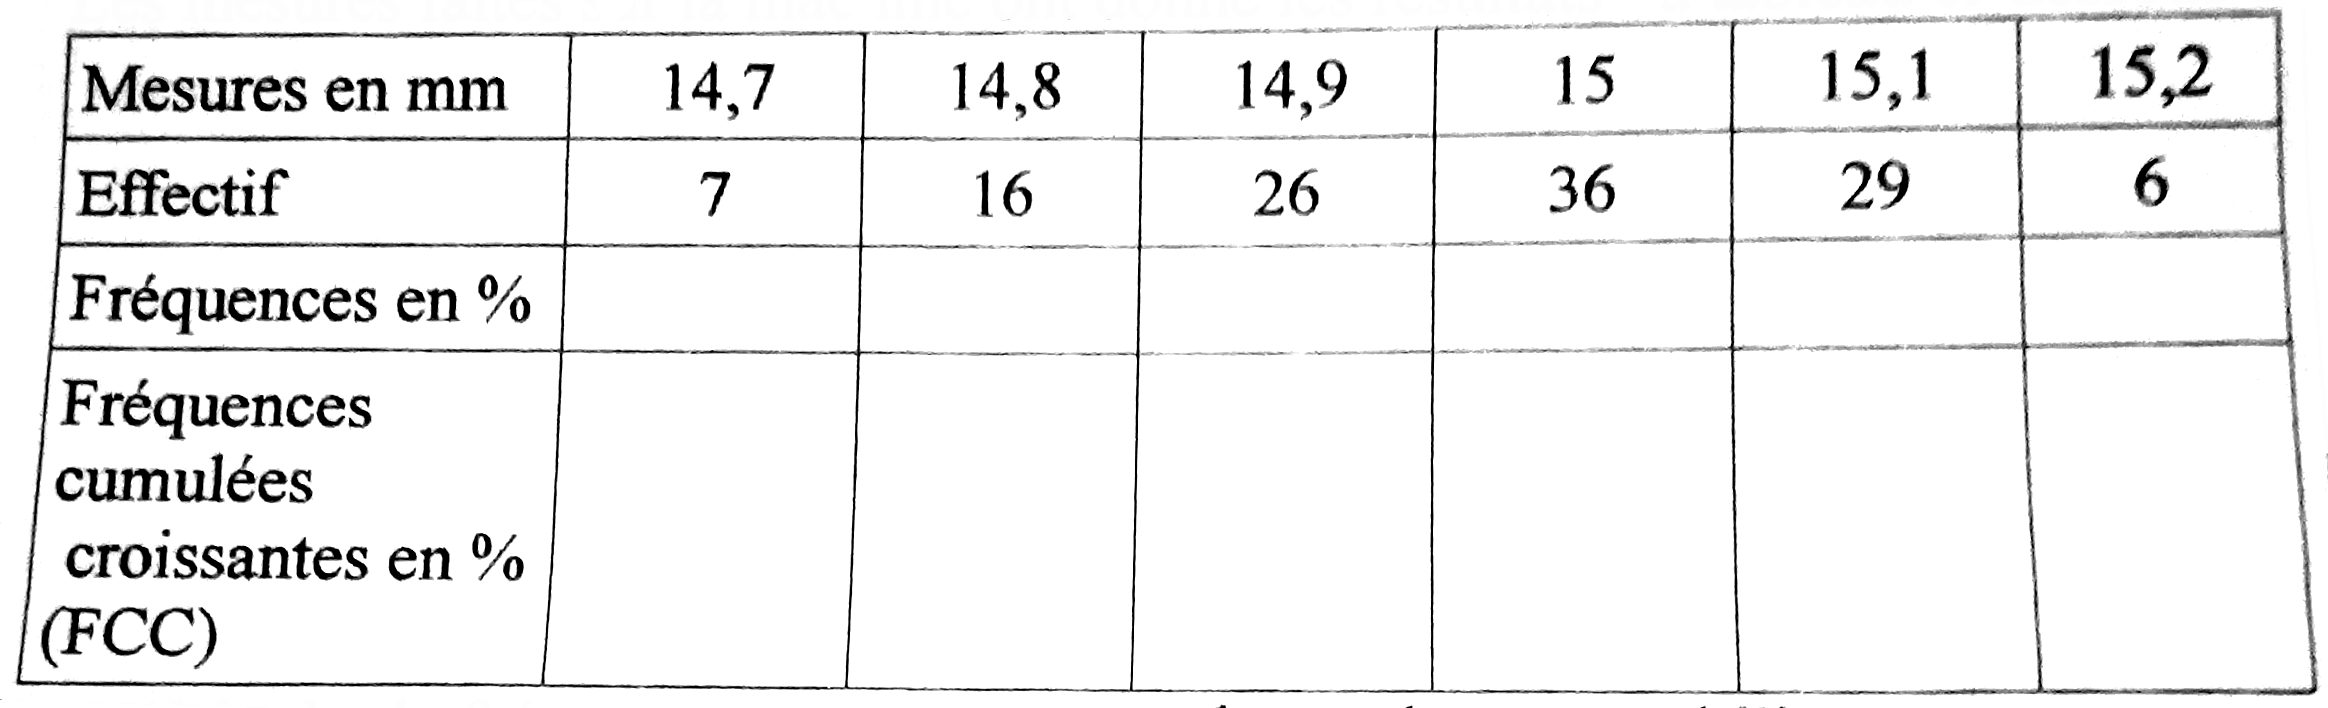 Exercice, écart-type, statistiques, tableau, effectifs, fréquences cumulées croissantes, seconde